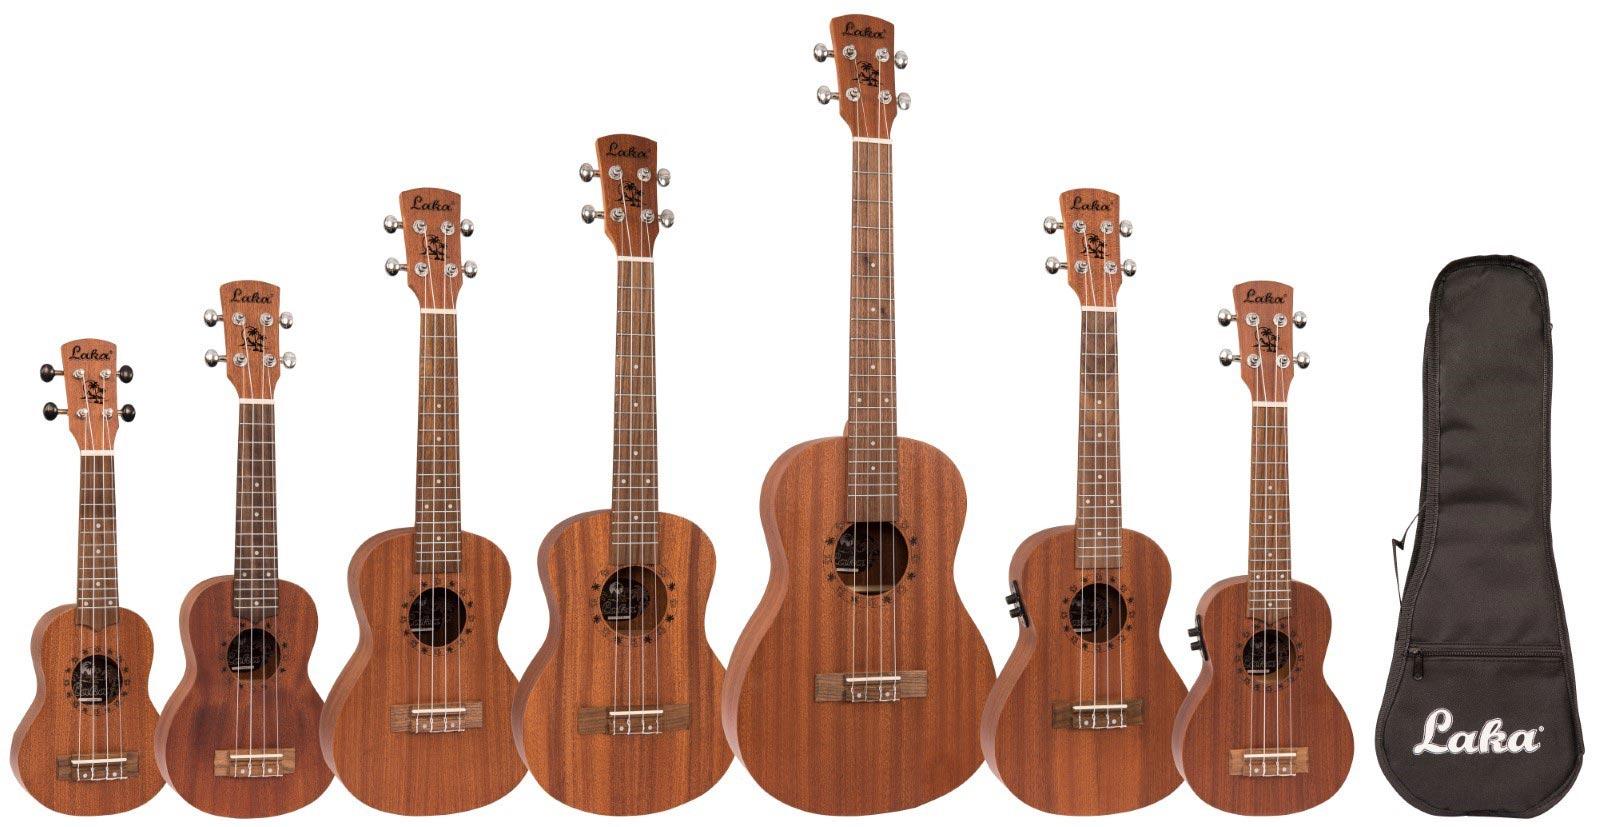 Laka Mahogany Series of acoustic and electro-acoustic ukuleles